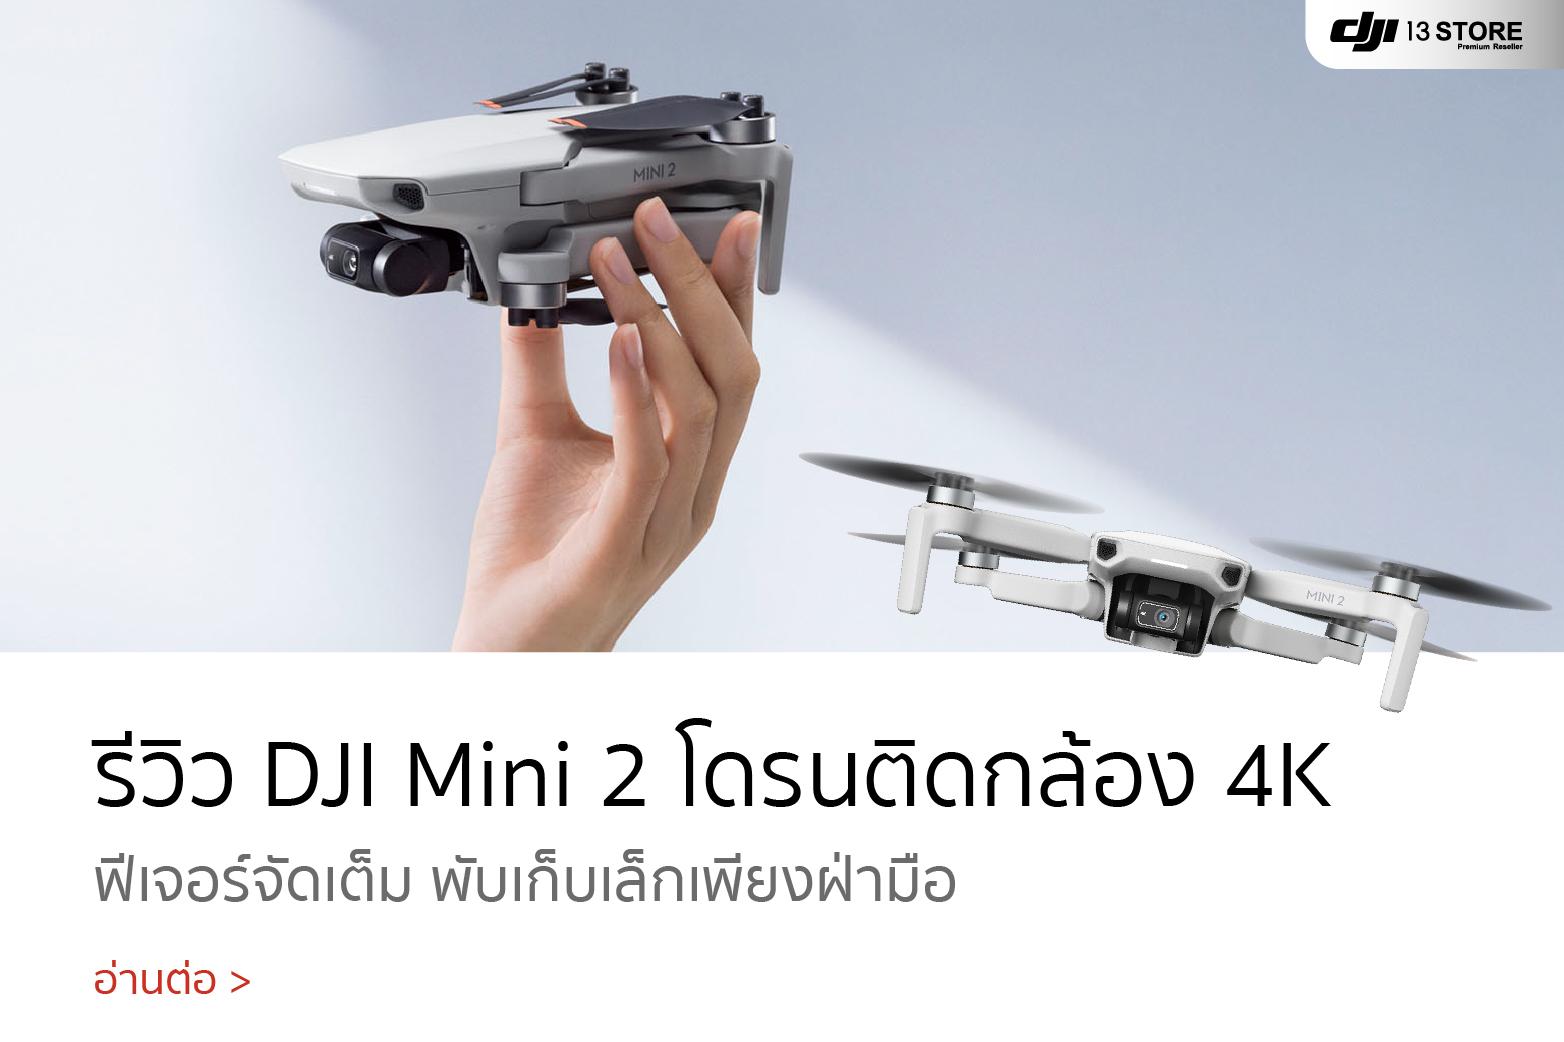 รีวิว DJI Mini 2 โดรนติดกล้อง 4K ฟีเจอร์จัดเต็ม พับเก็บเล็กเพียงฝ่ามือ